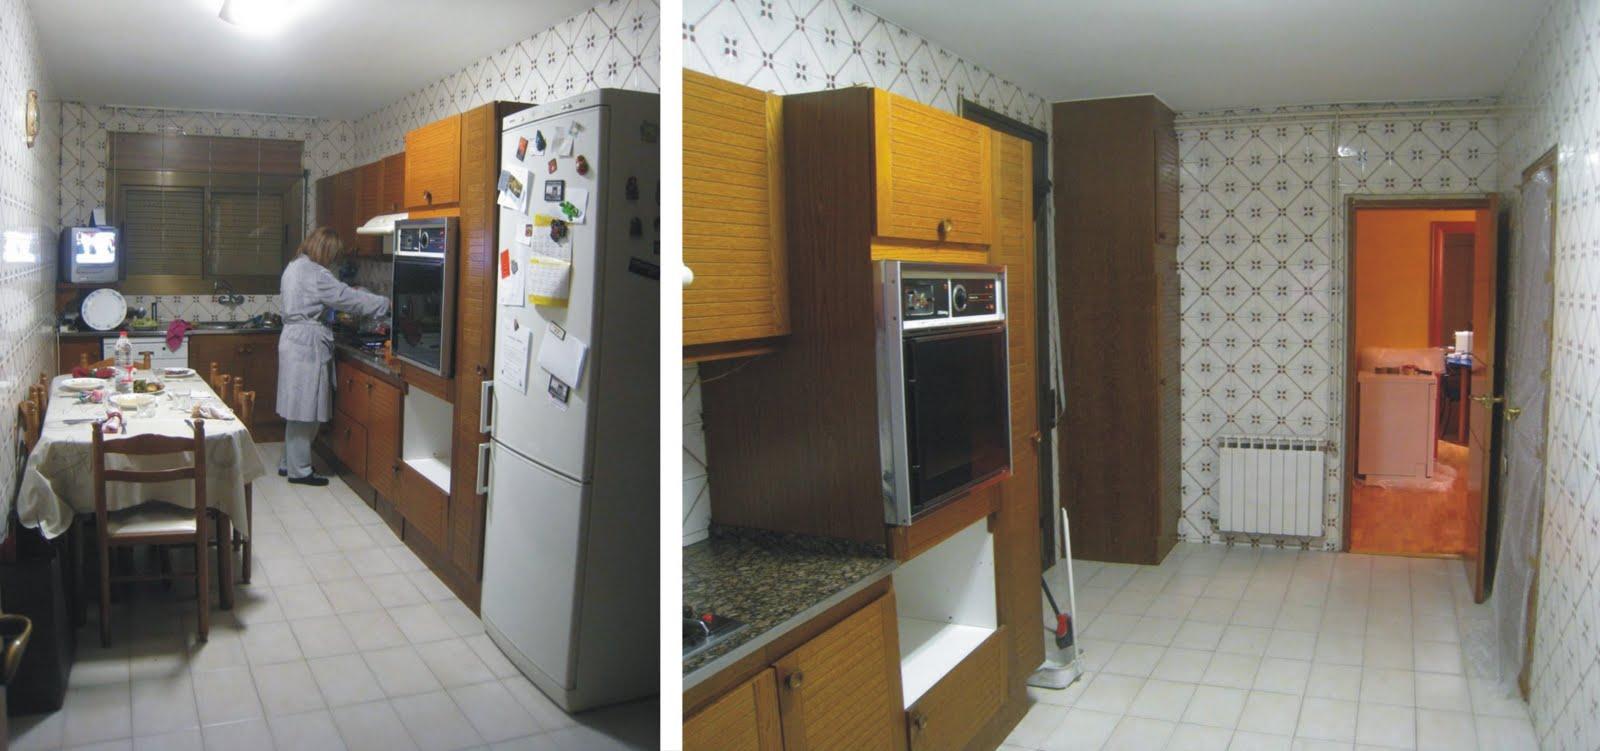 Light and air proyectos obras y dise o cocina en - Wok 4 cocinas granollers ...